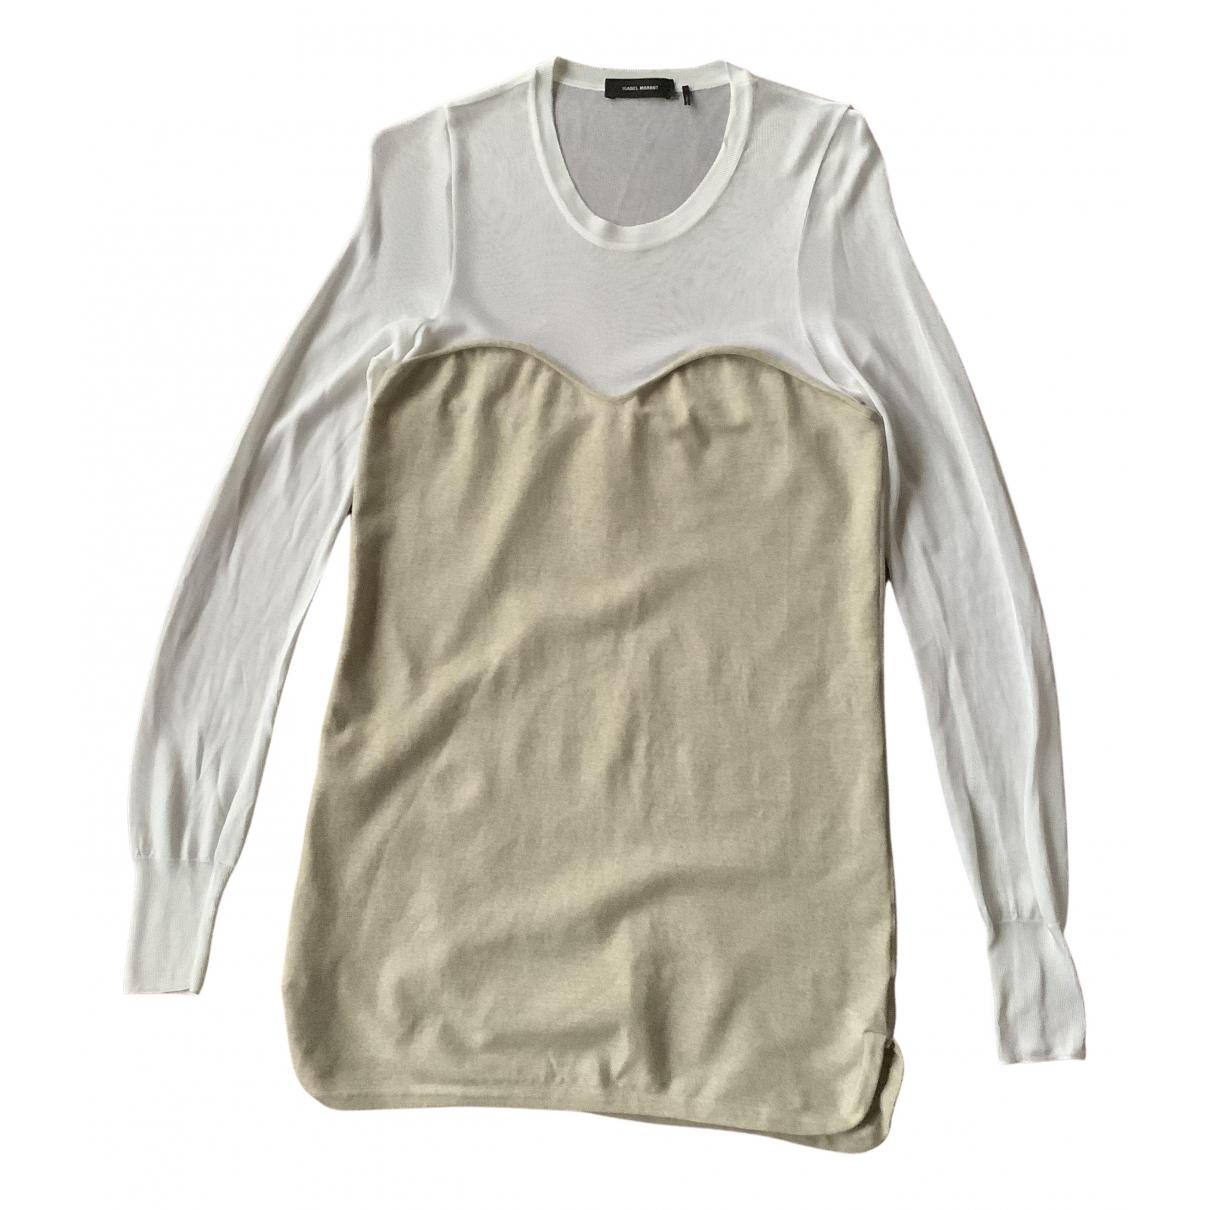 Isabel Marant \N Kleid in  Beige Wolle